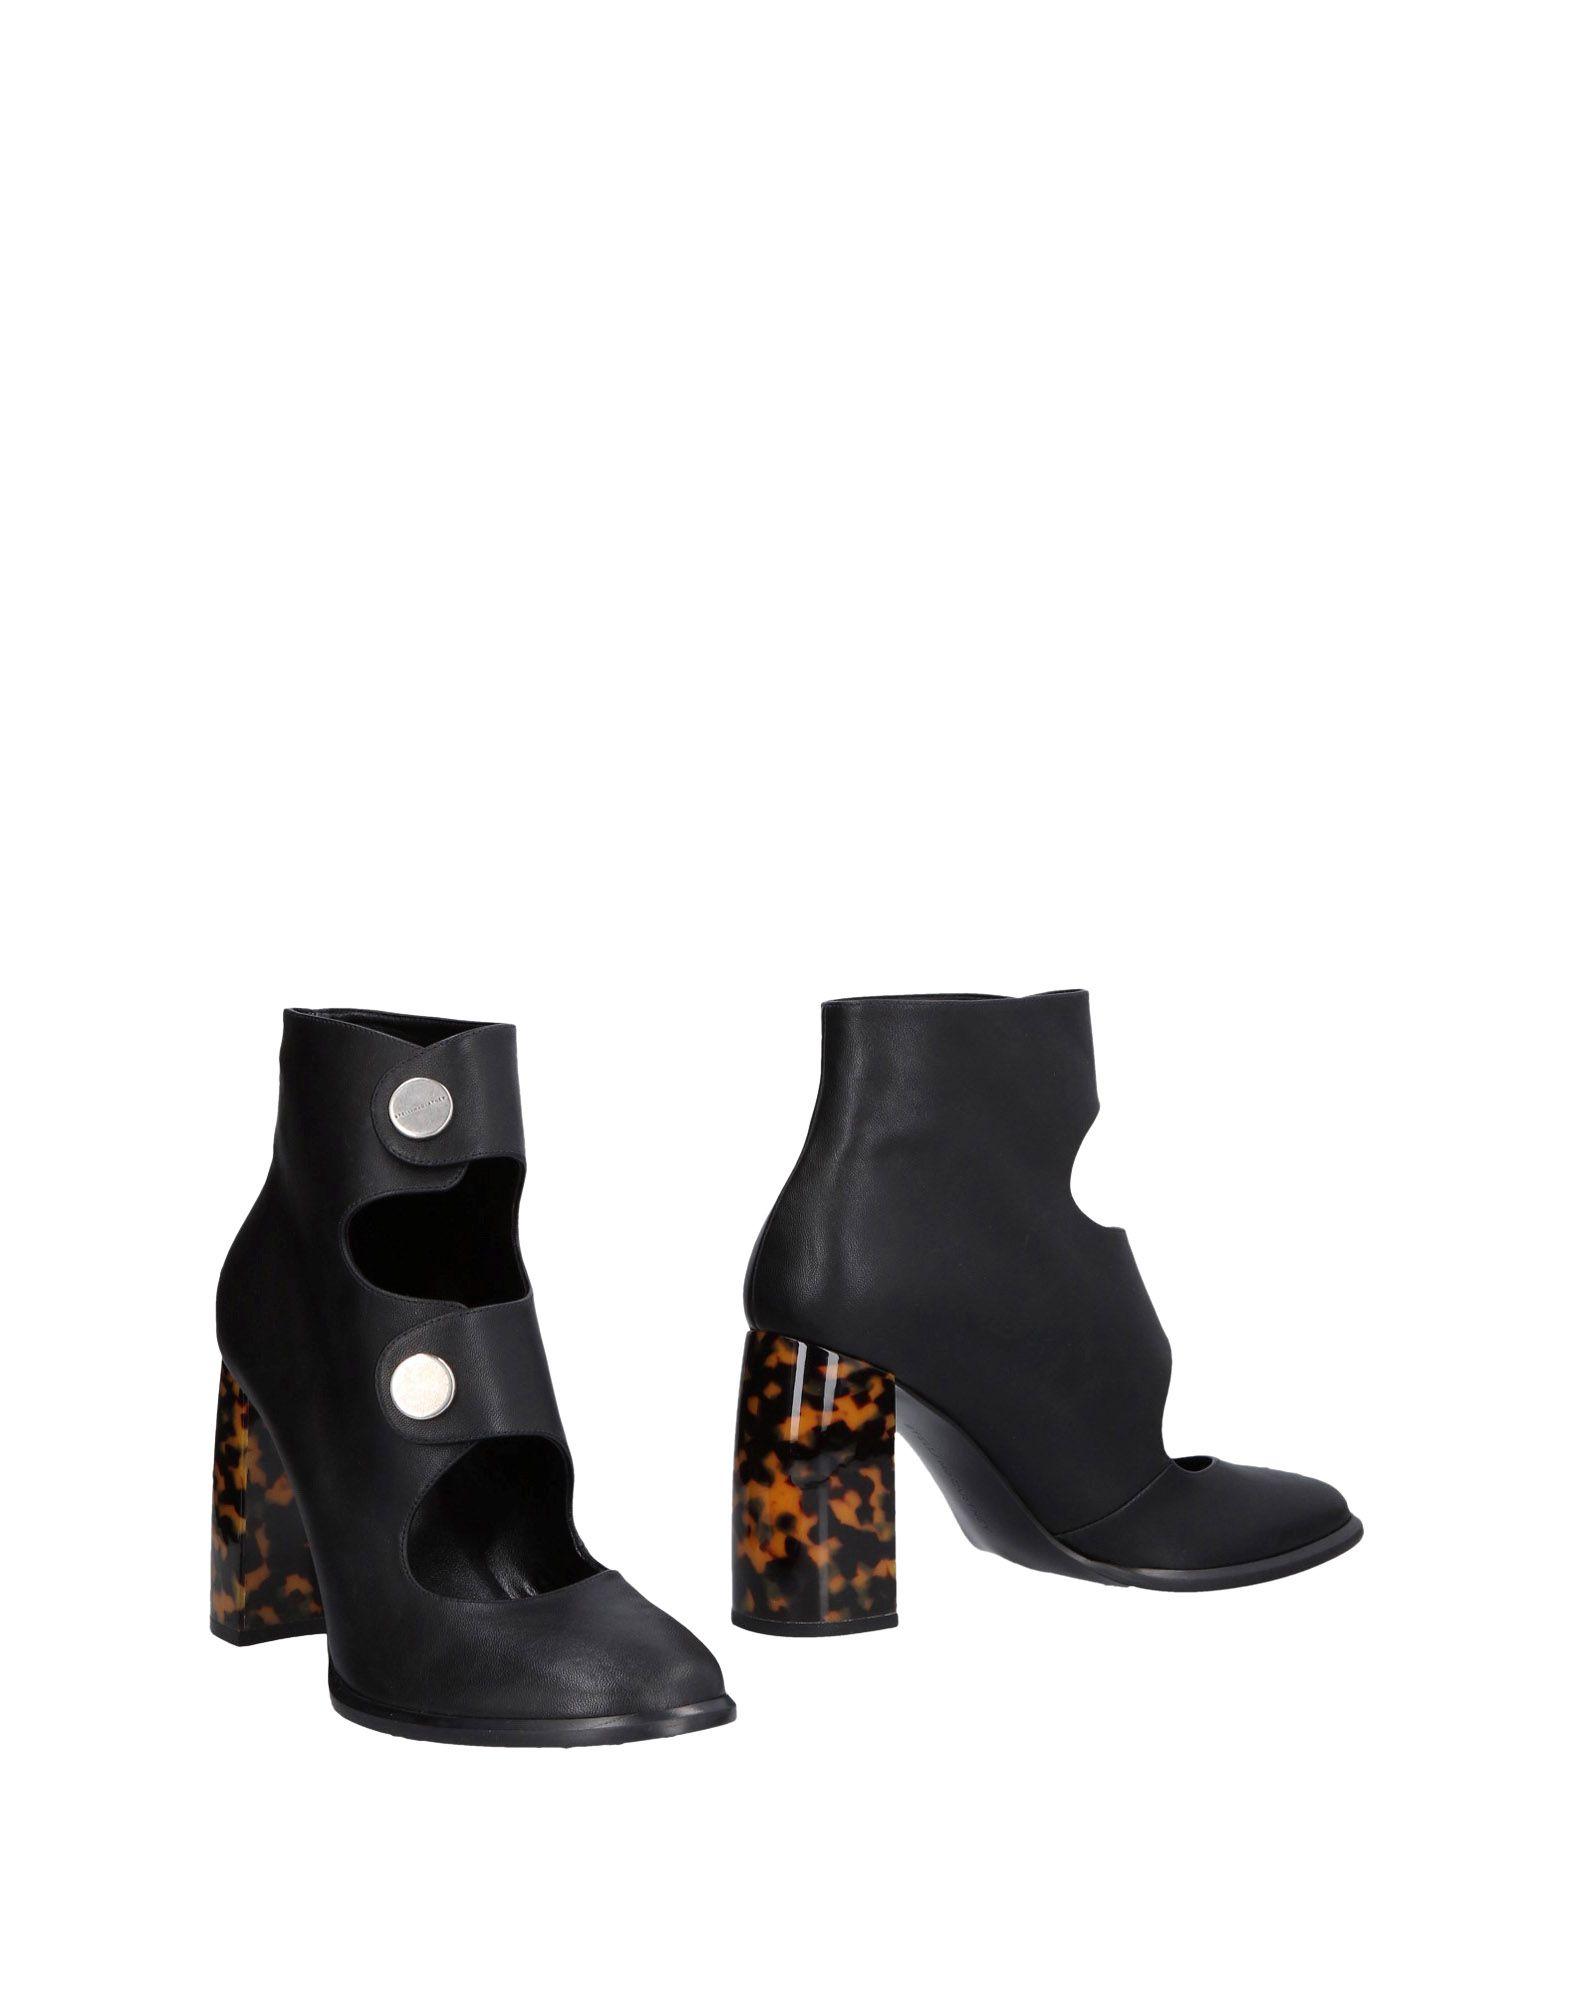 Stella Mccartney Stiefelette Damen Neue  11461317KN Neue Damen Schuhe 538c06